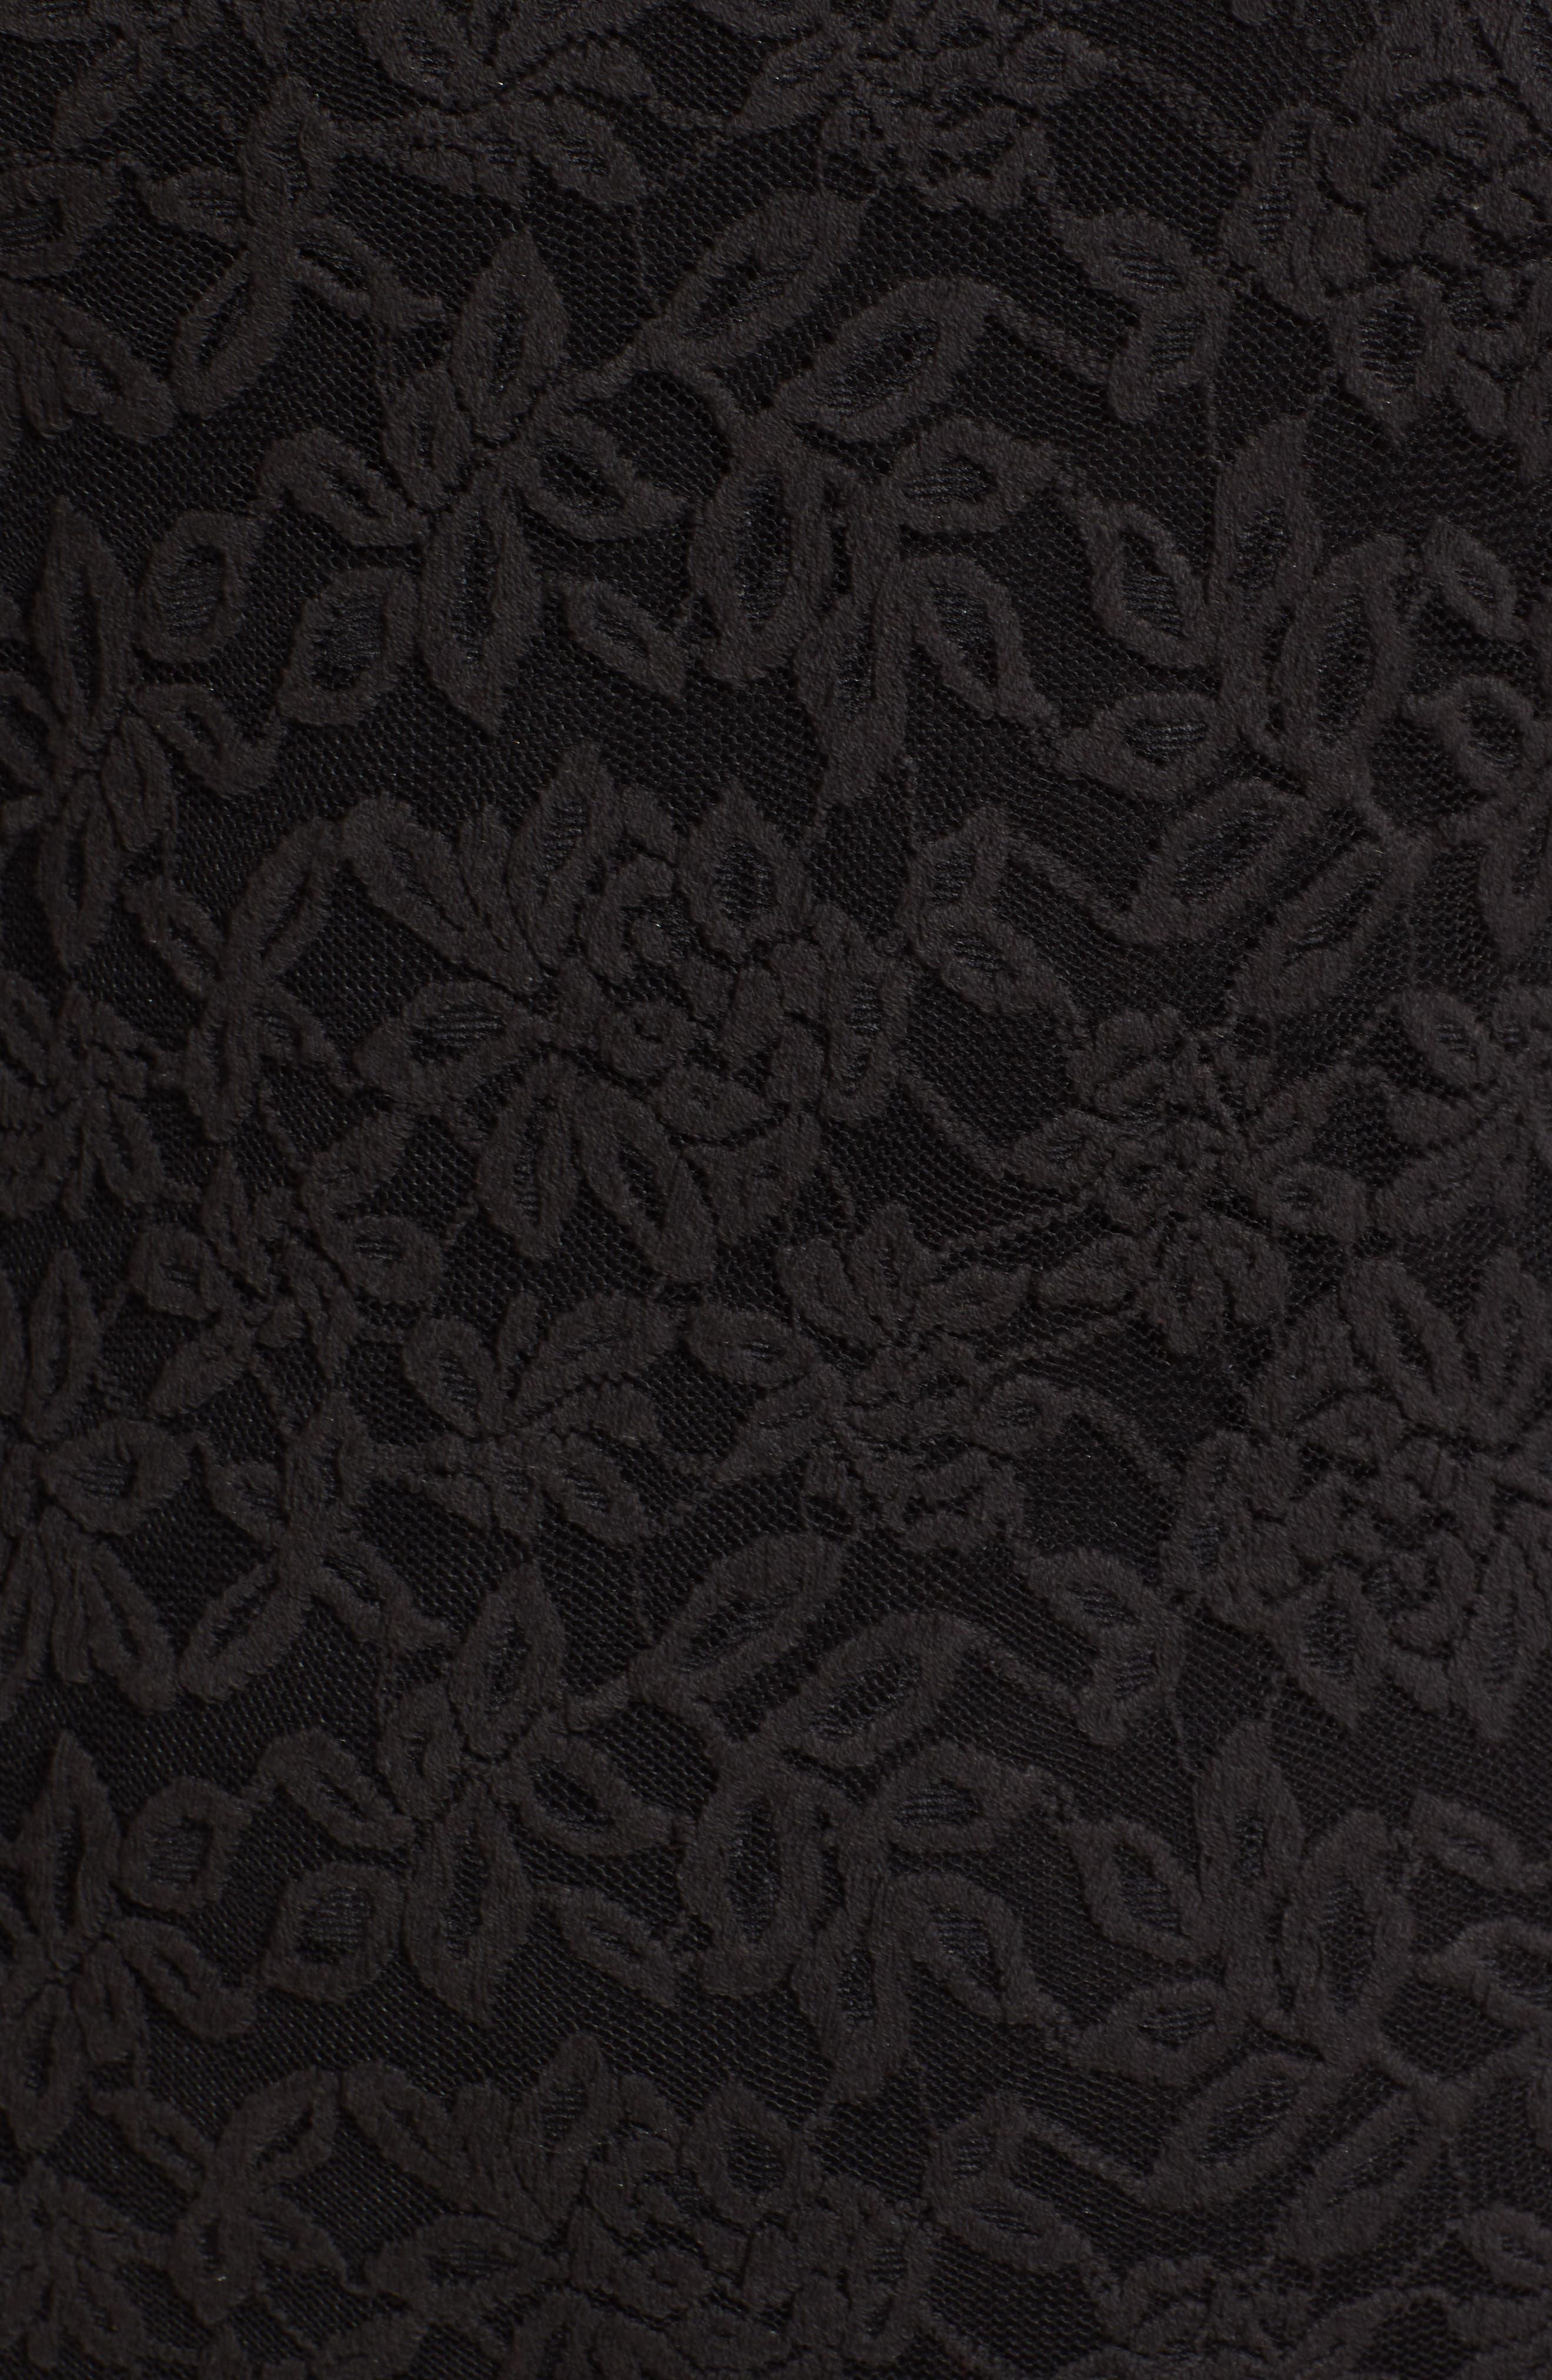 Delicia Lace Body-Con Dress,                             Alternate thumbnail 6, color,                             BLACK SILVER